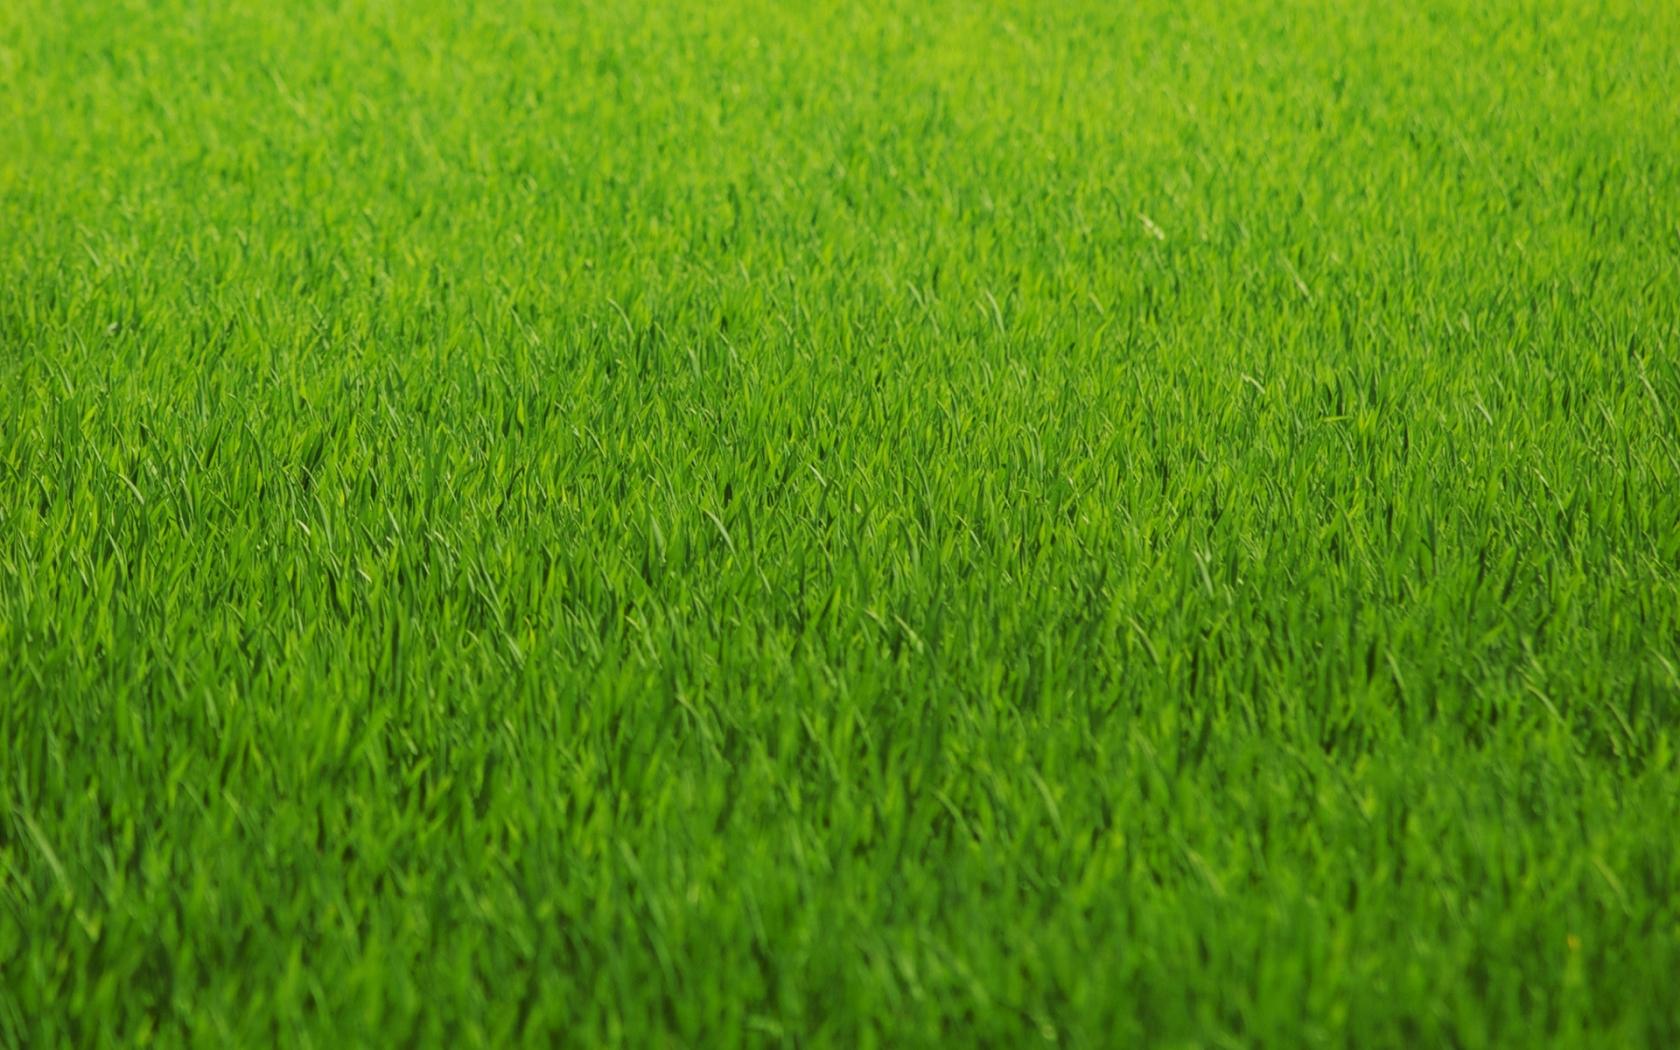 Textura de grass hd 1680x1050 imagenes wallpapers gratis variados fondos de pantallas hd - Cesped japones fotos ...